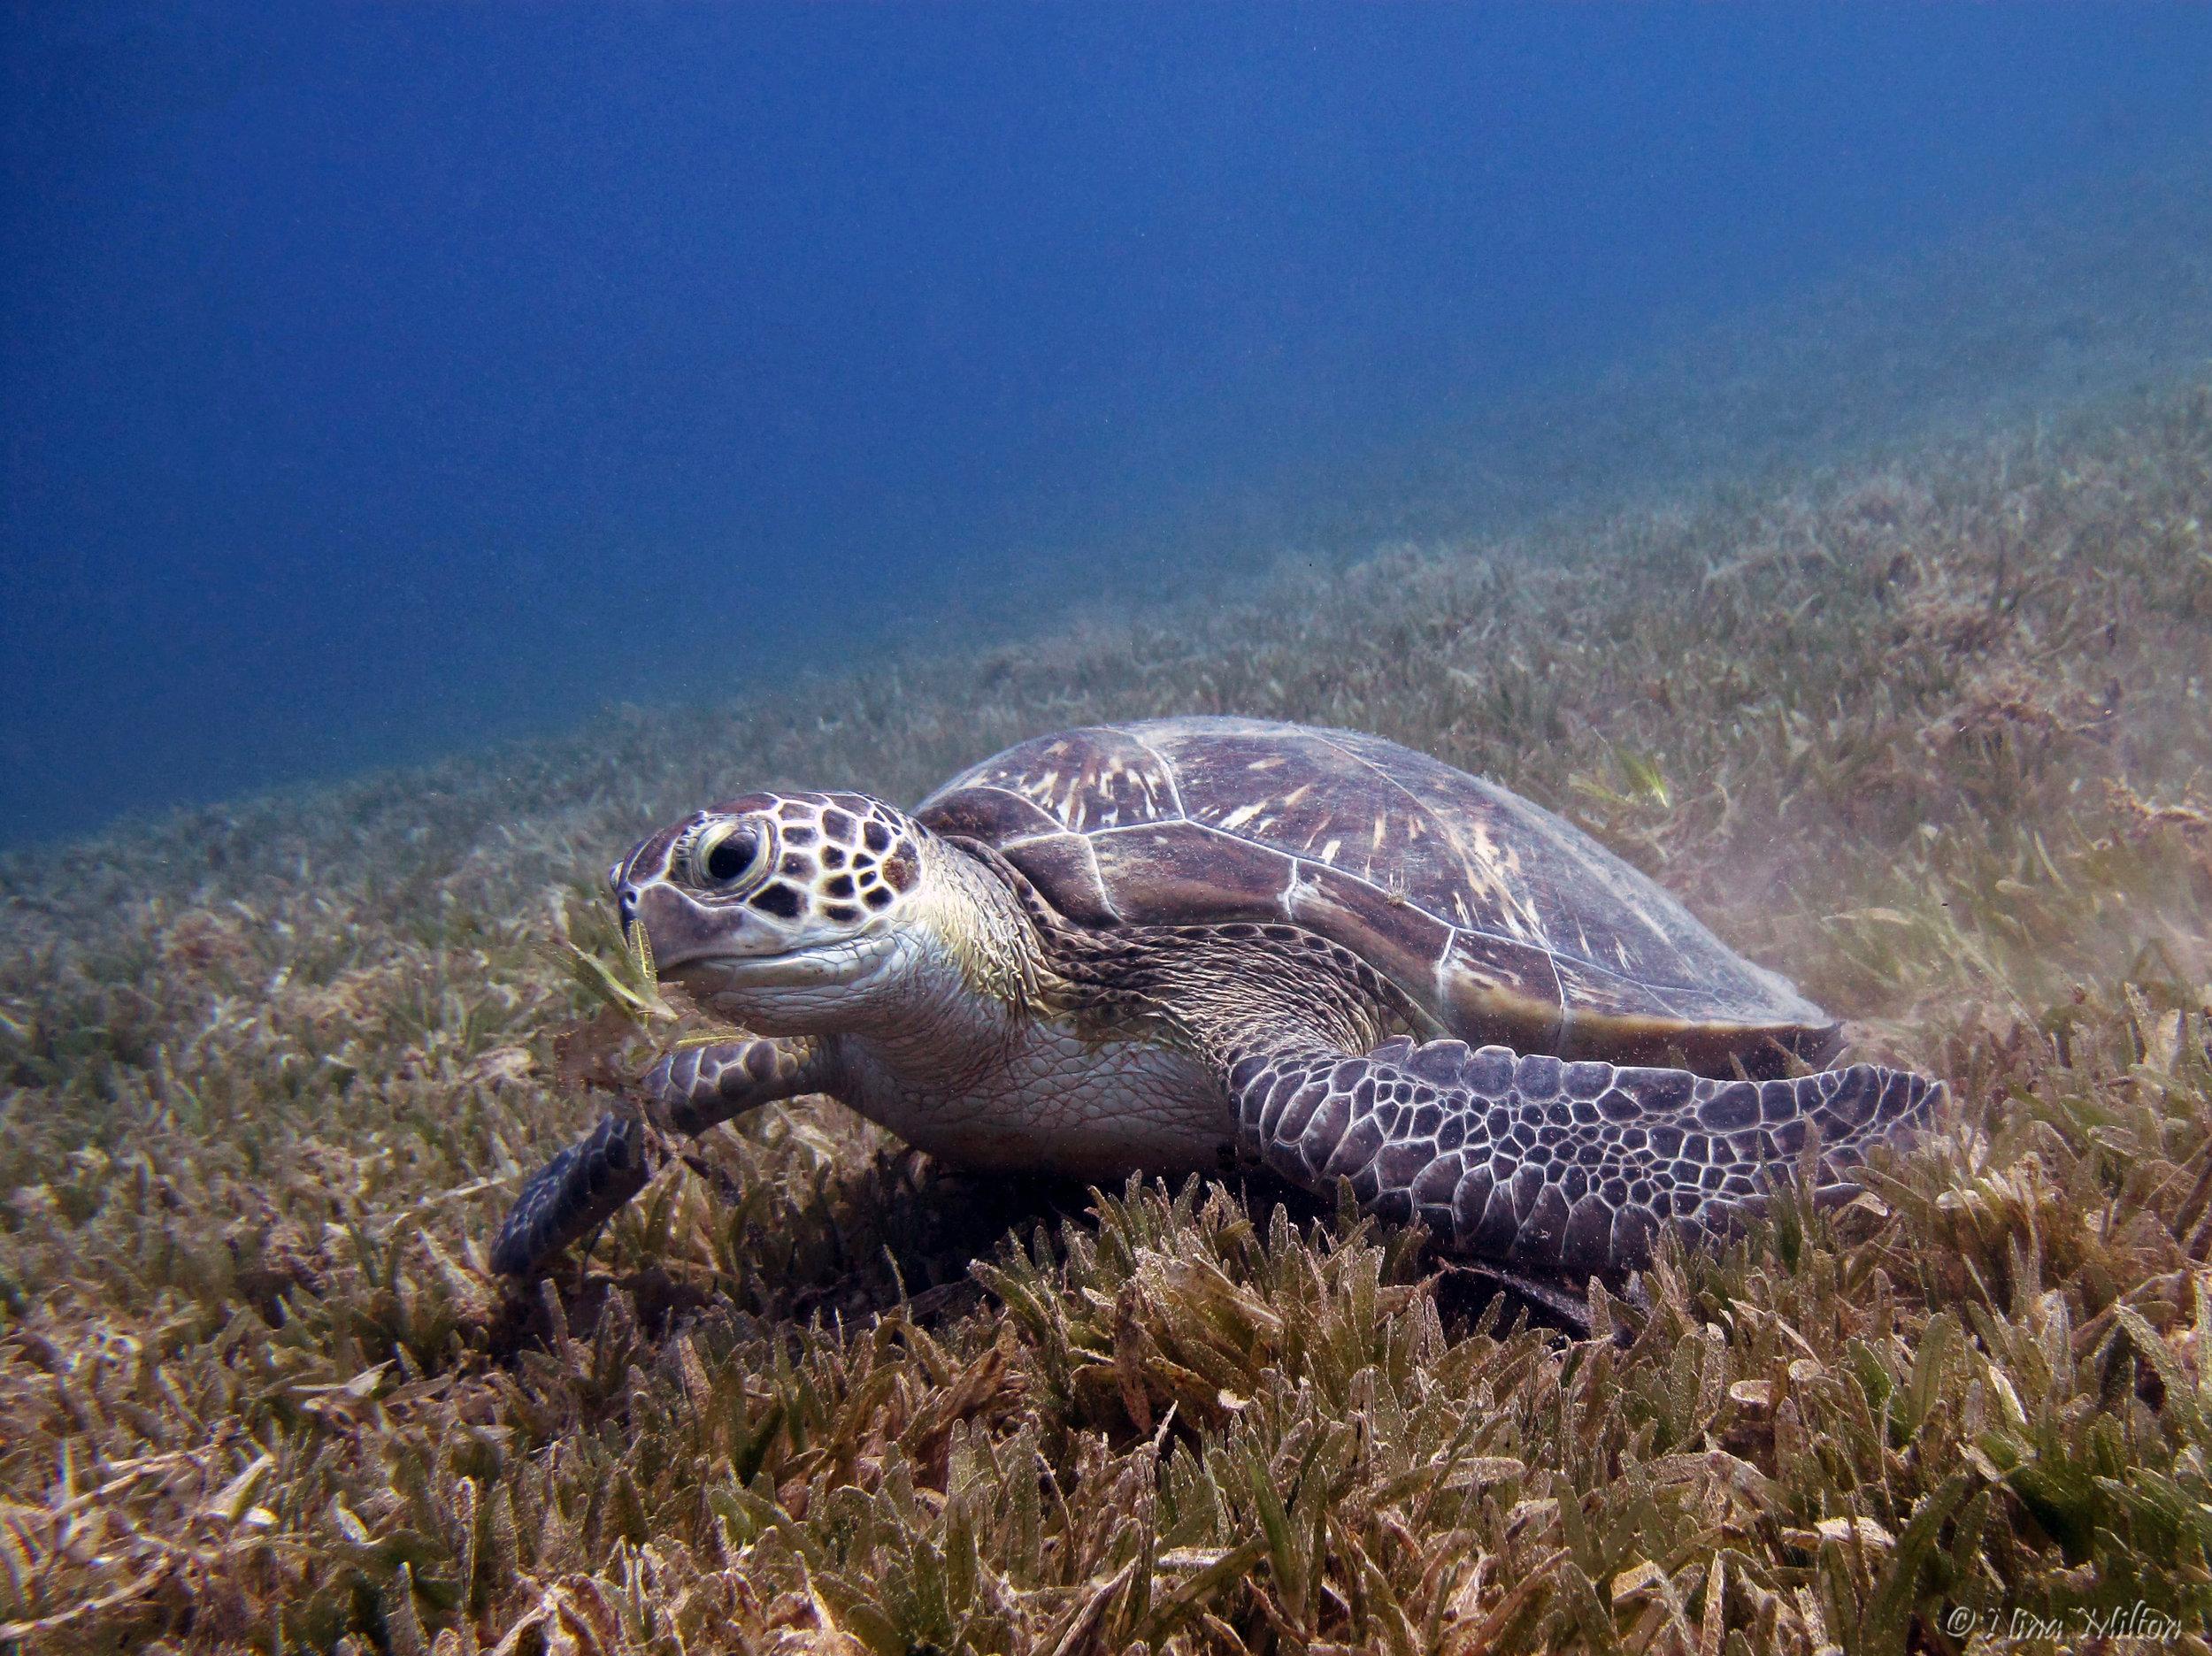 Dahab_diving_Red Sea_Egypt_Sinai_Nabq_Turtle.JPG